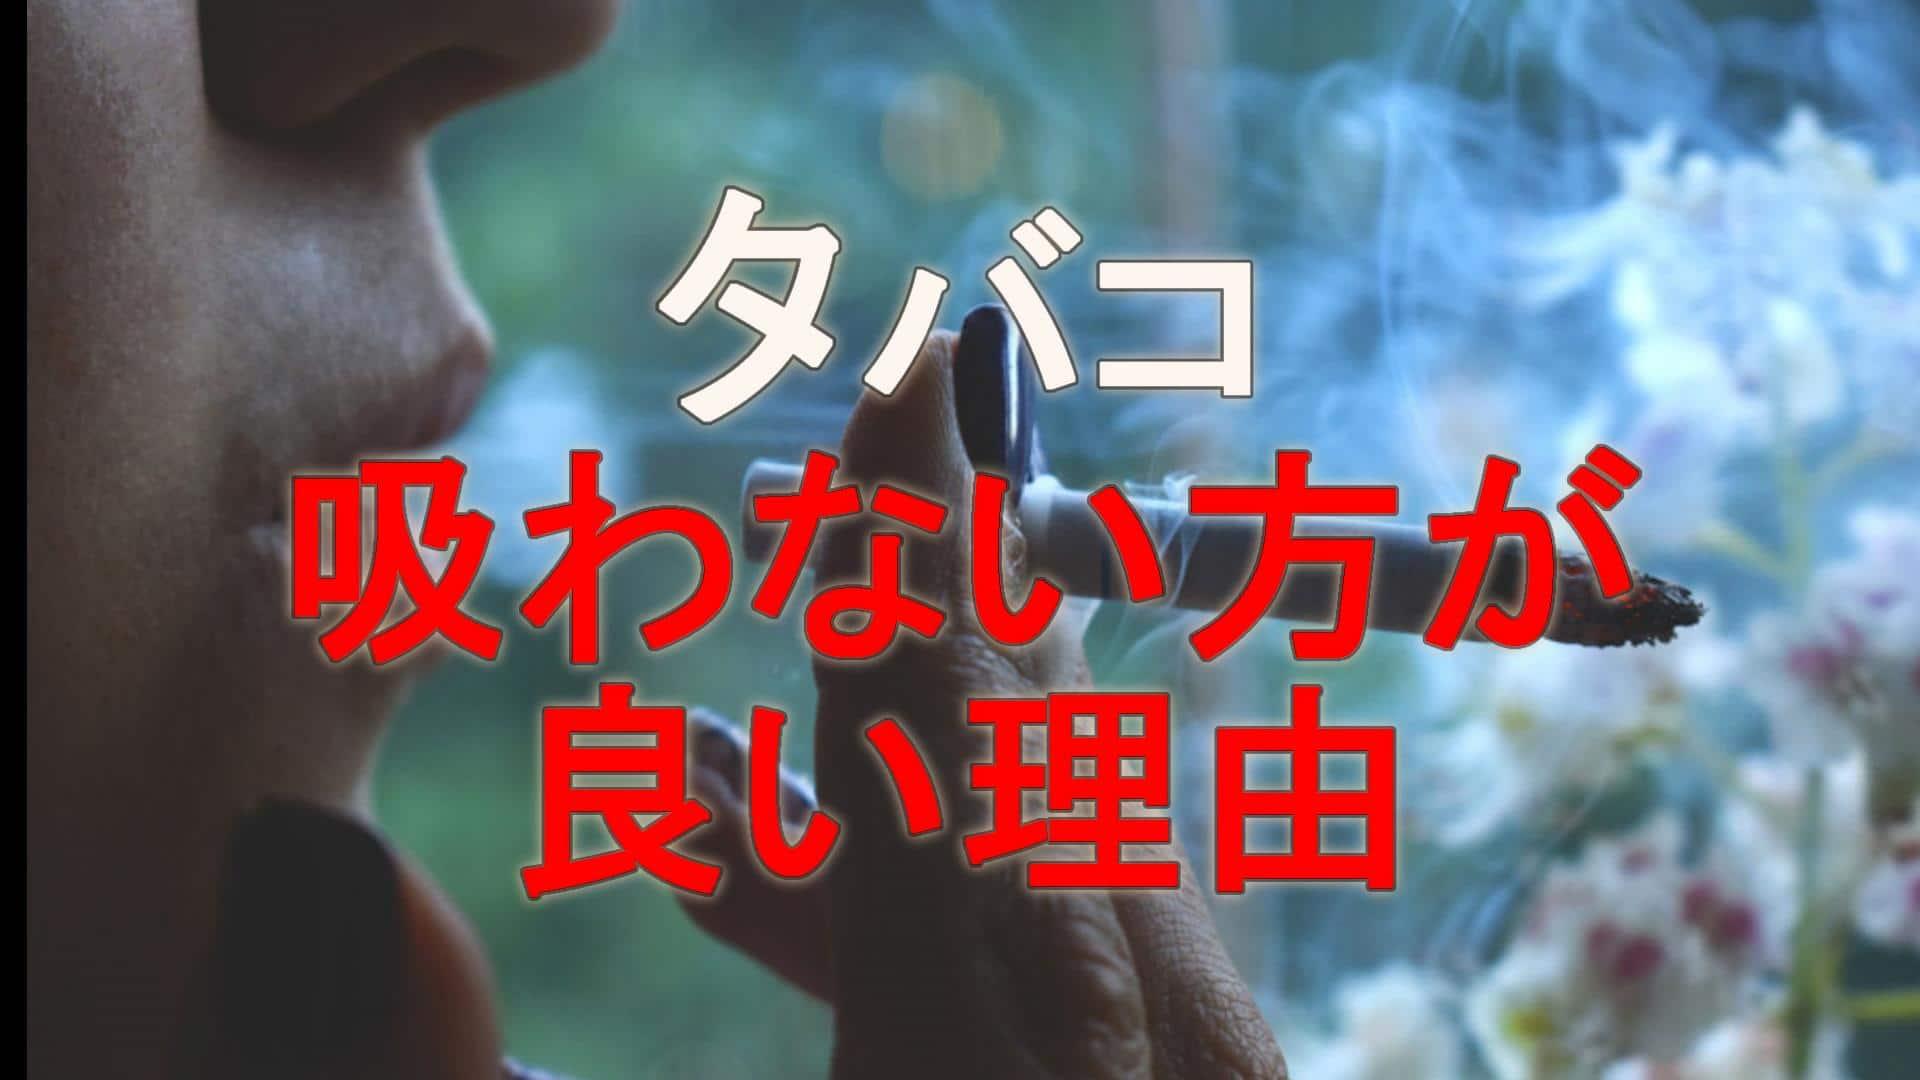 タバコを吸わない方が良い理由